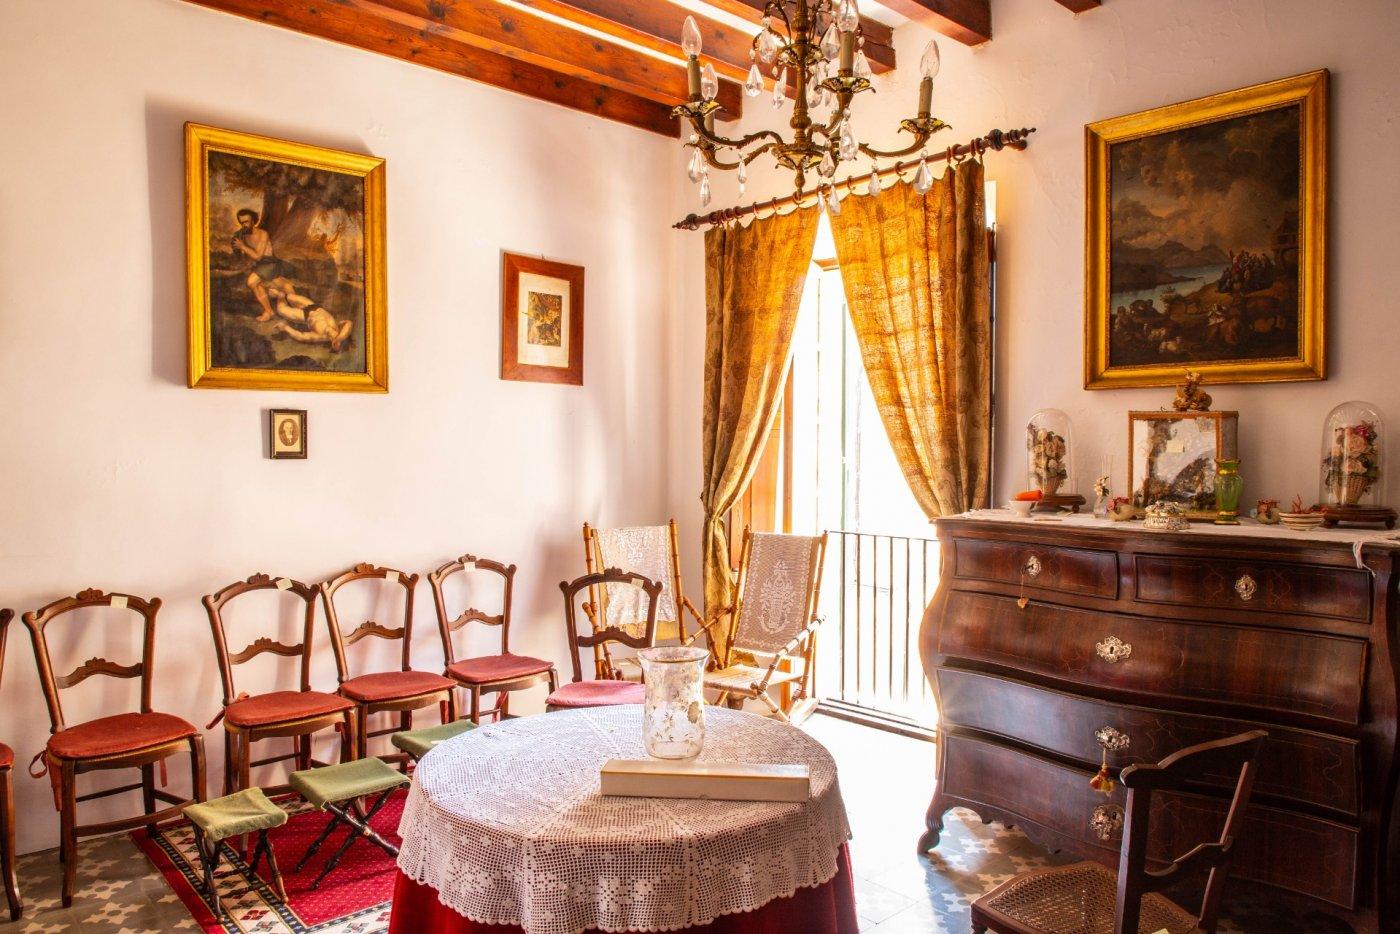 En venta excelente casa en el centro de pollensa - imagenInmueble23